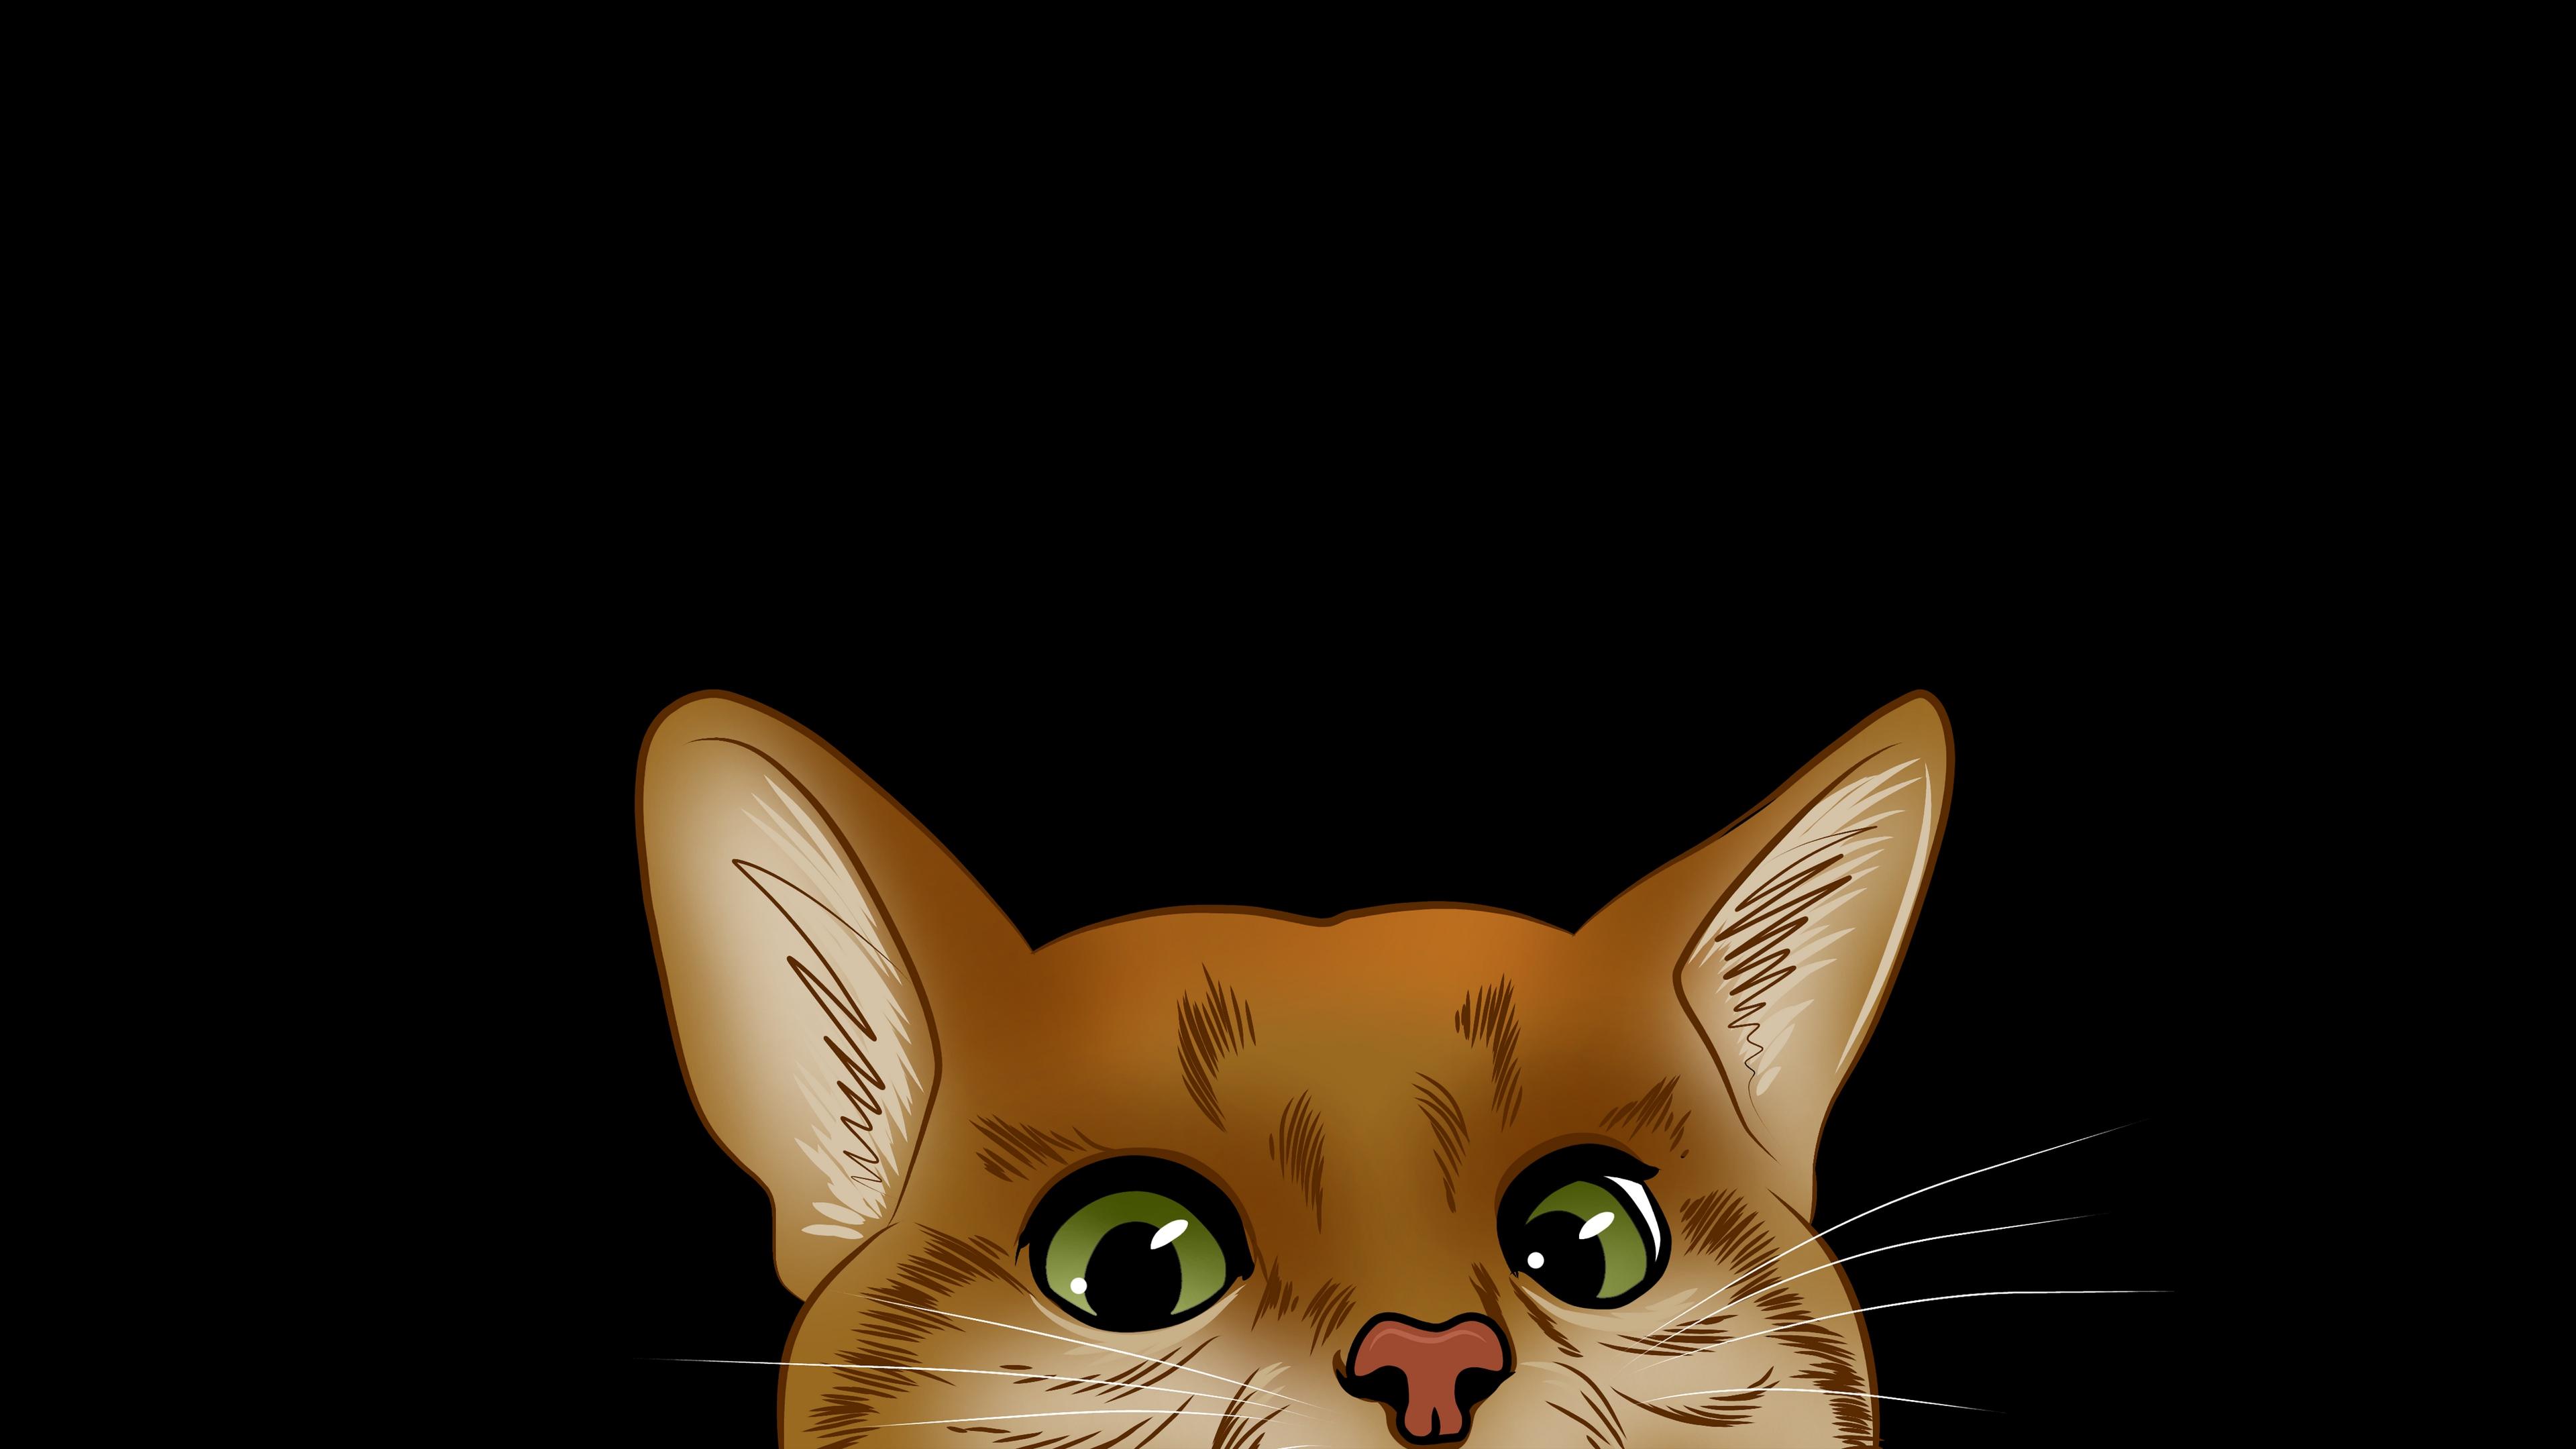 cat muzzle look out hide art 4k 1541971124 - cat, muzzle, look out, hide, art 4k - muzzle, look out, Cat